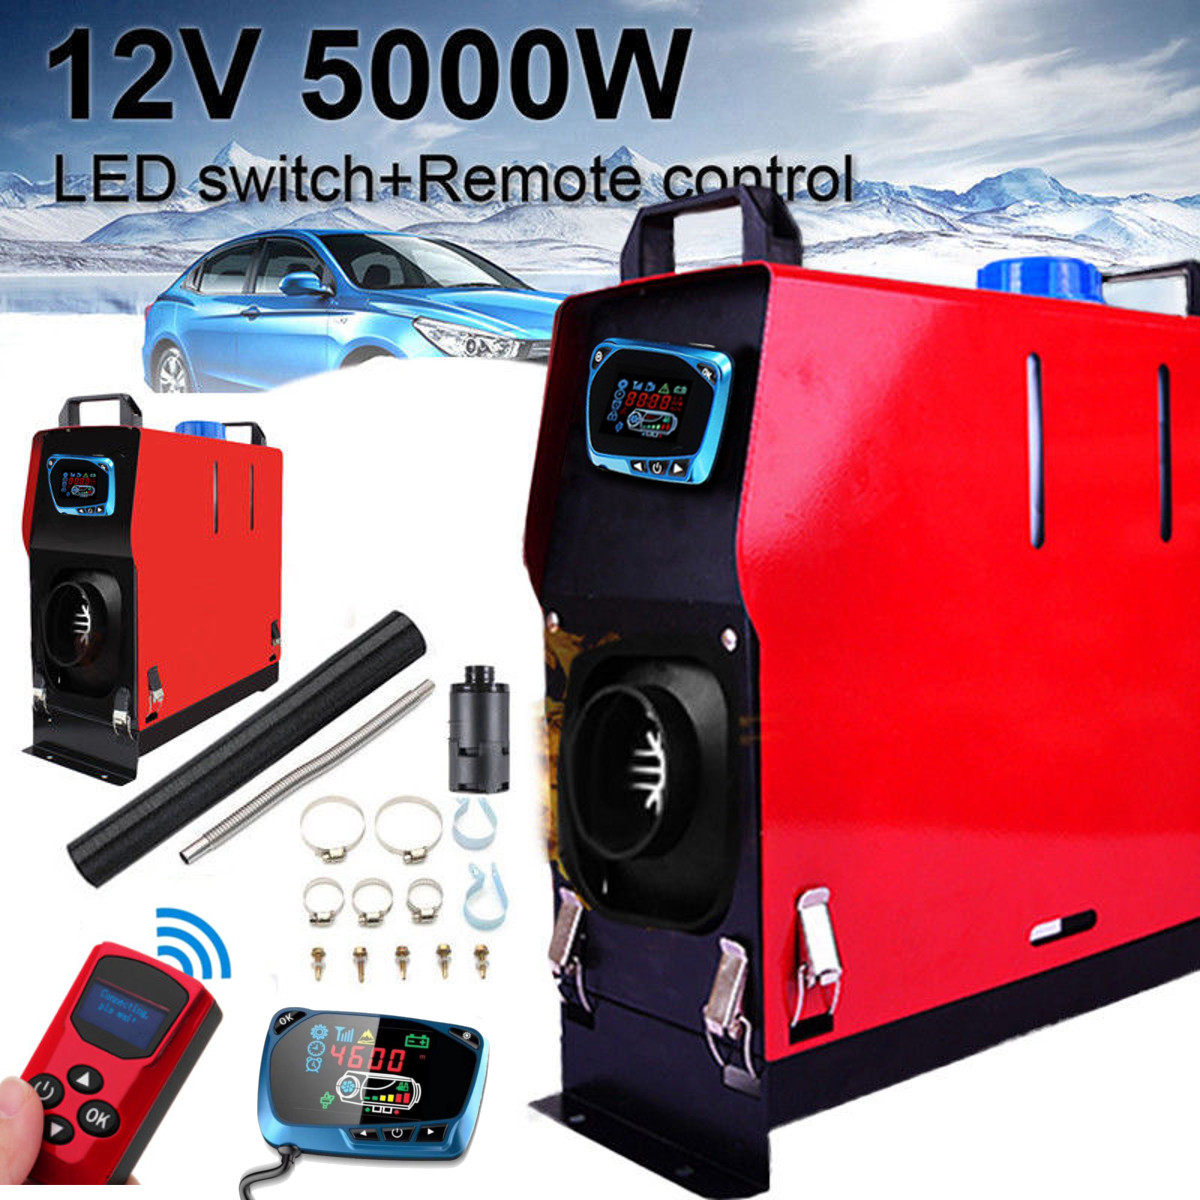 5000 W Air diesels Chauffe-5KW 12 V Un Trou radiateur de voiture Pour Les Camions En Autocaravane Bateaux Bus + LCD interrupteur à clé + télécommande